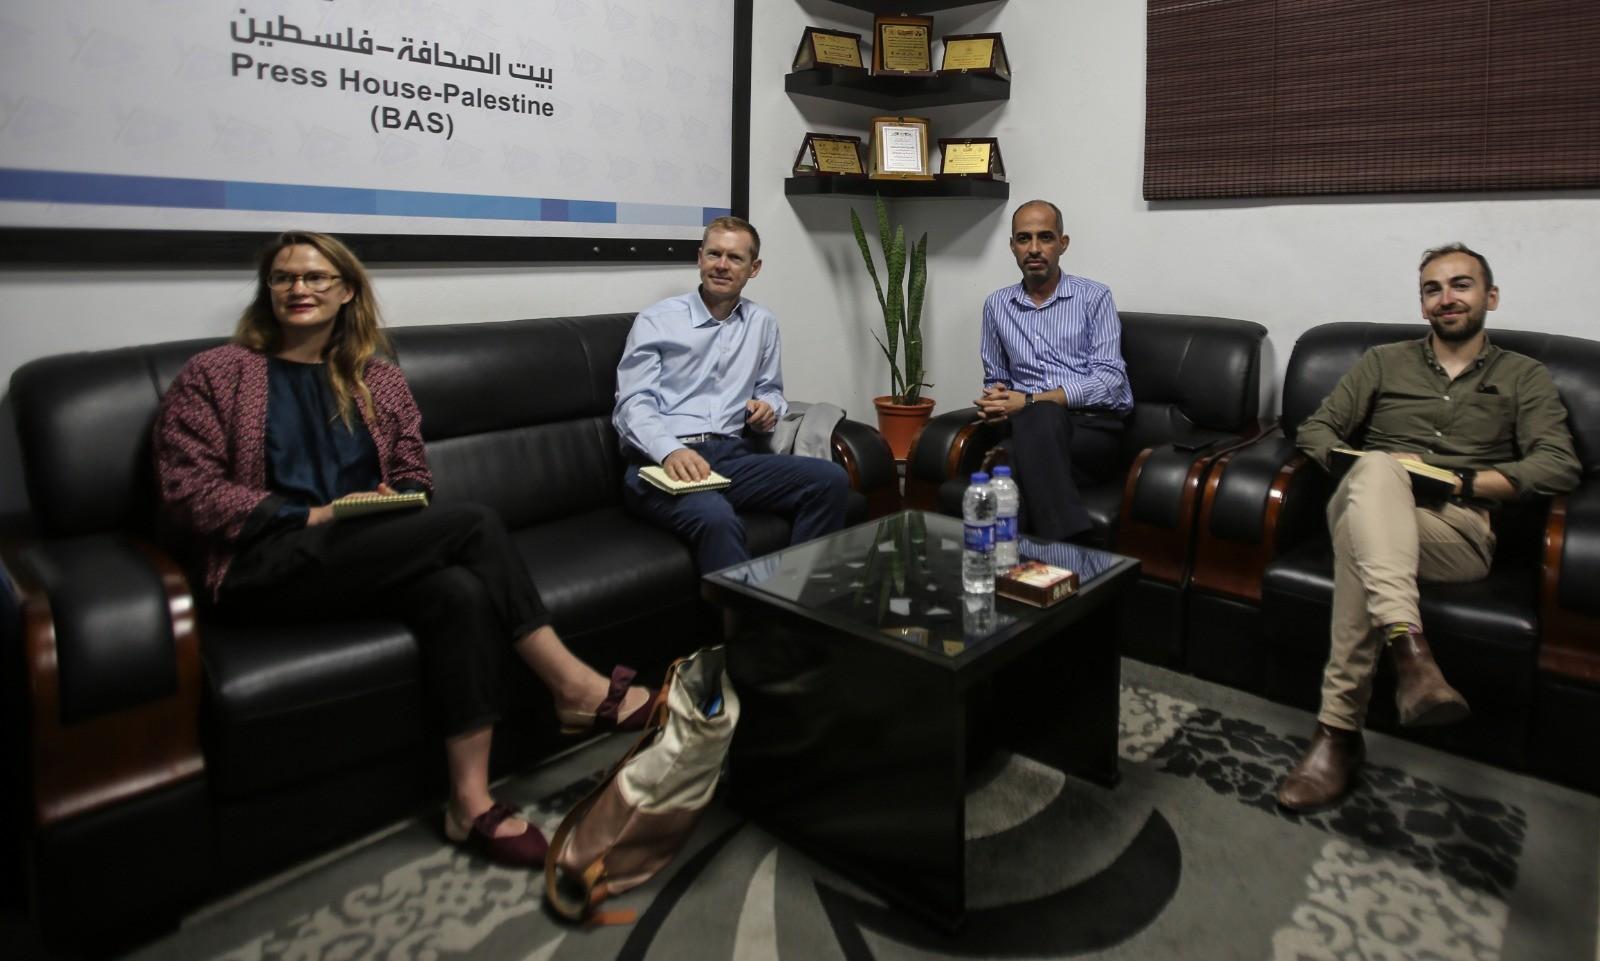 السفير الإيرلندي ونائبه في الأراضي الفلسطينية يزور بيت الصحافة